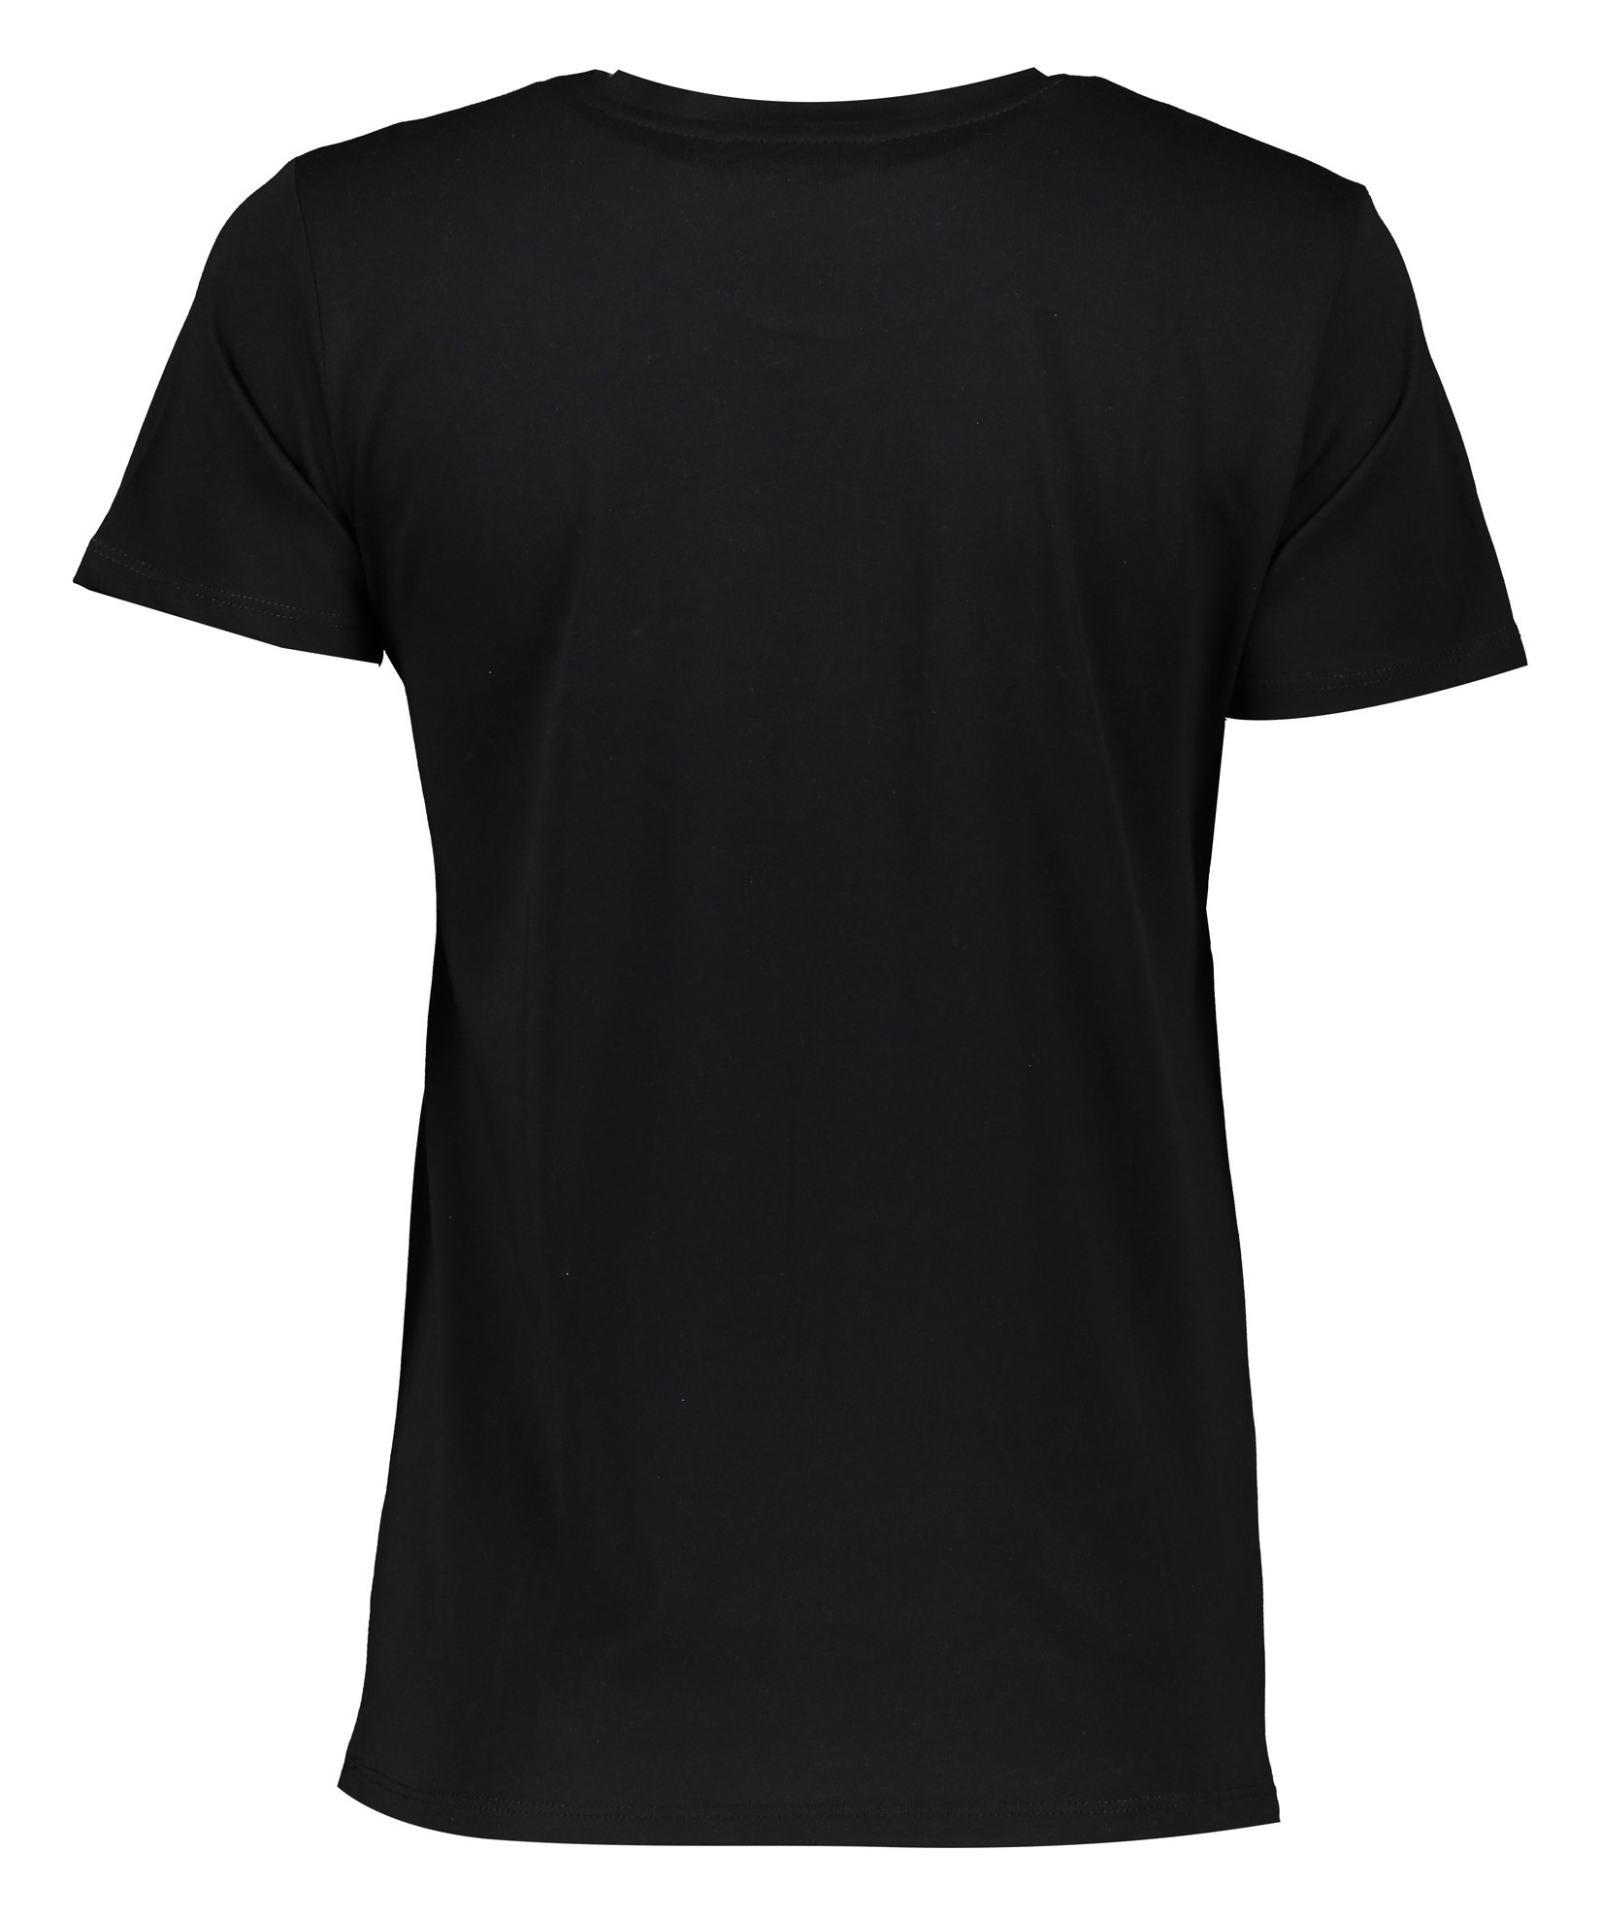 تی شرت نخی یقه گرد زنانه - مانگو - مشکی - 3